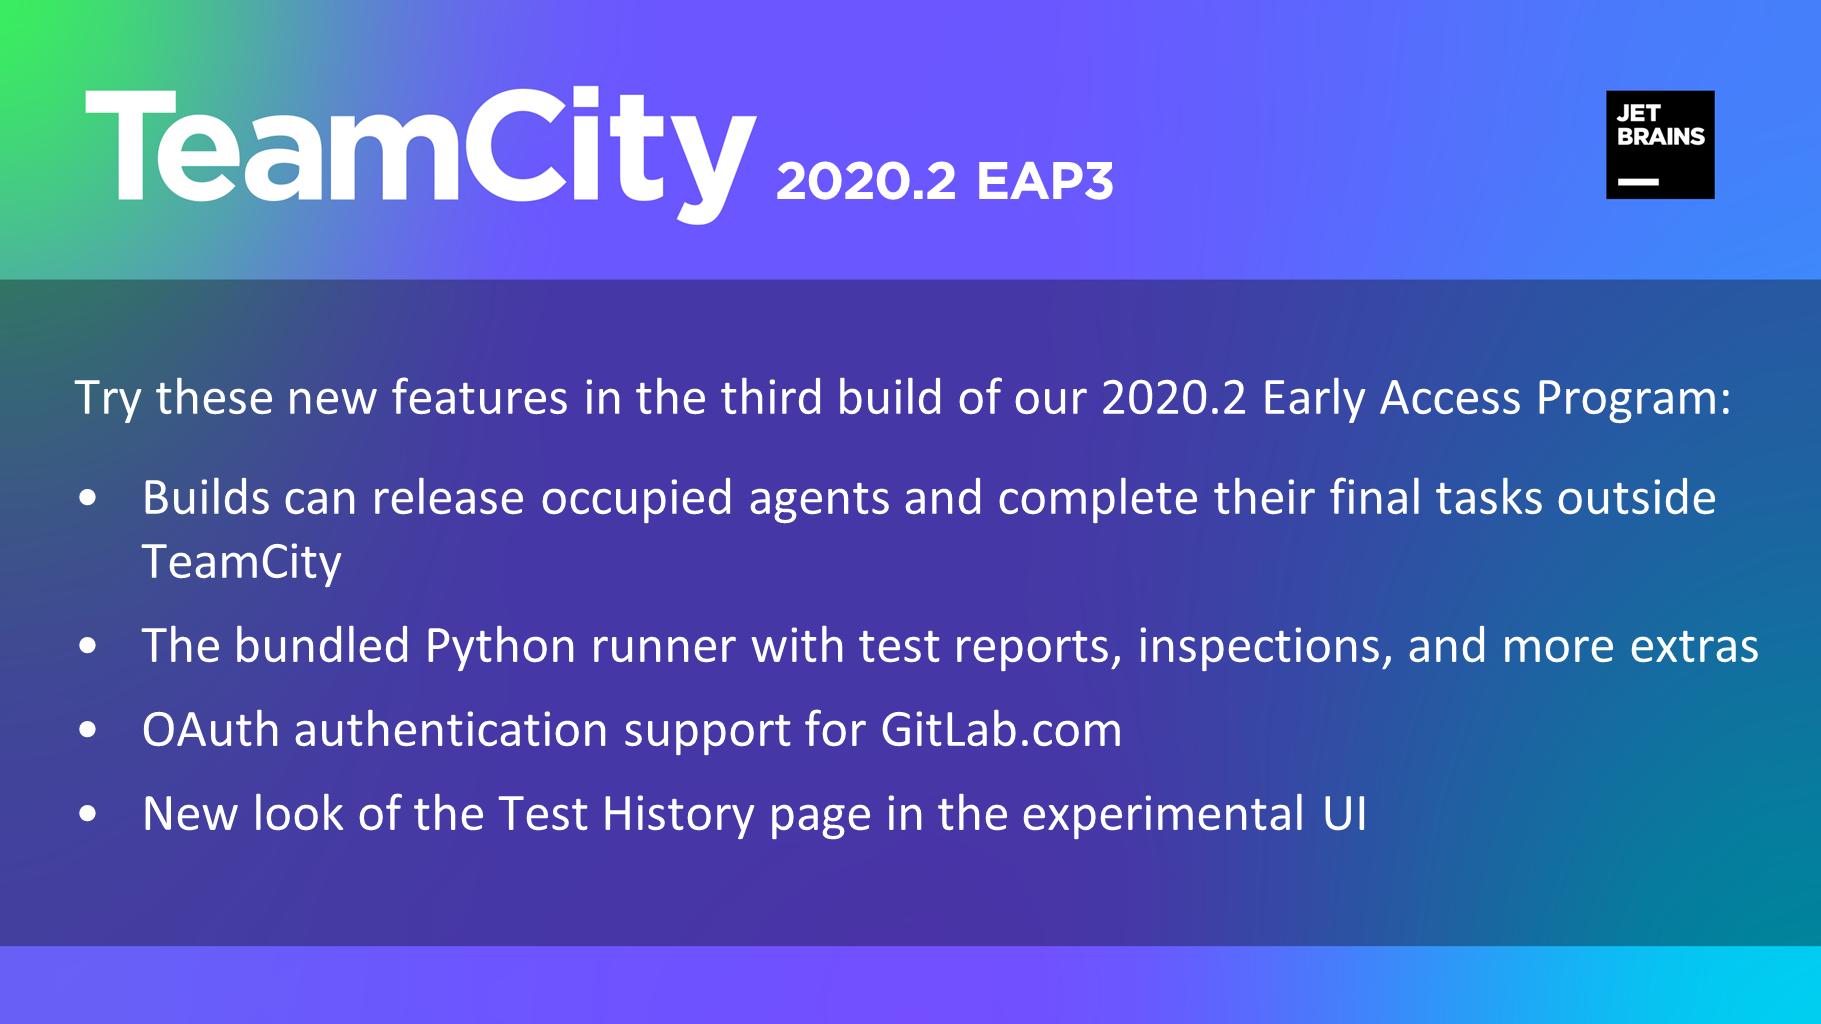 TeamCity 2020.2 EAP3